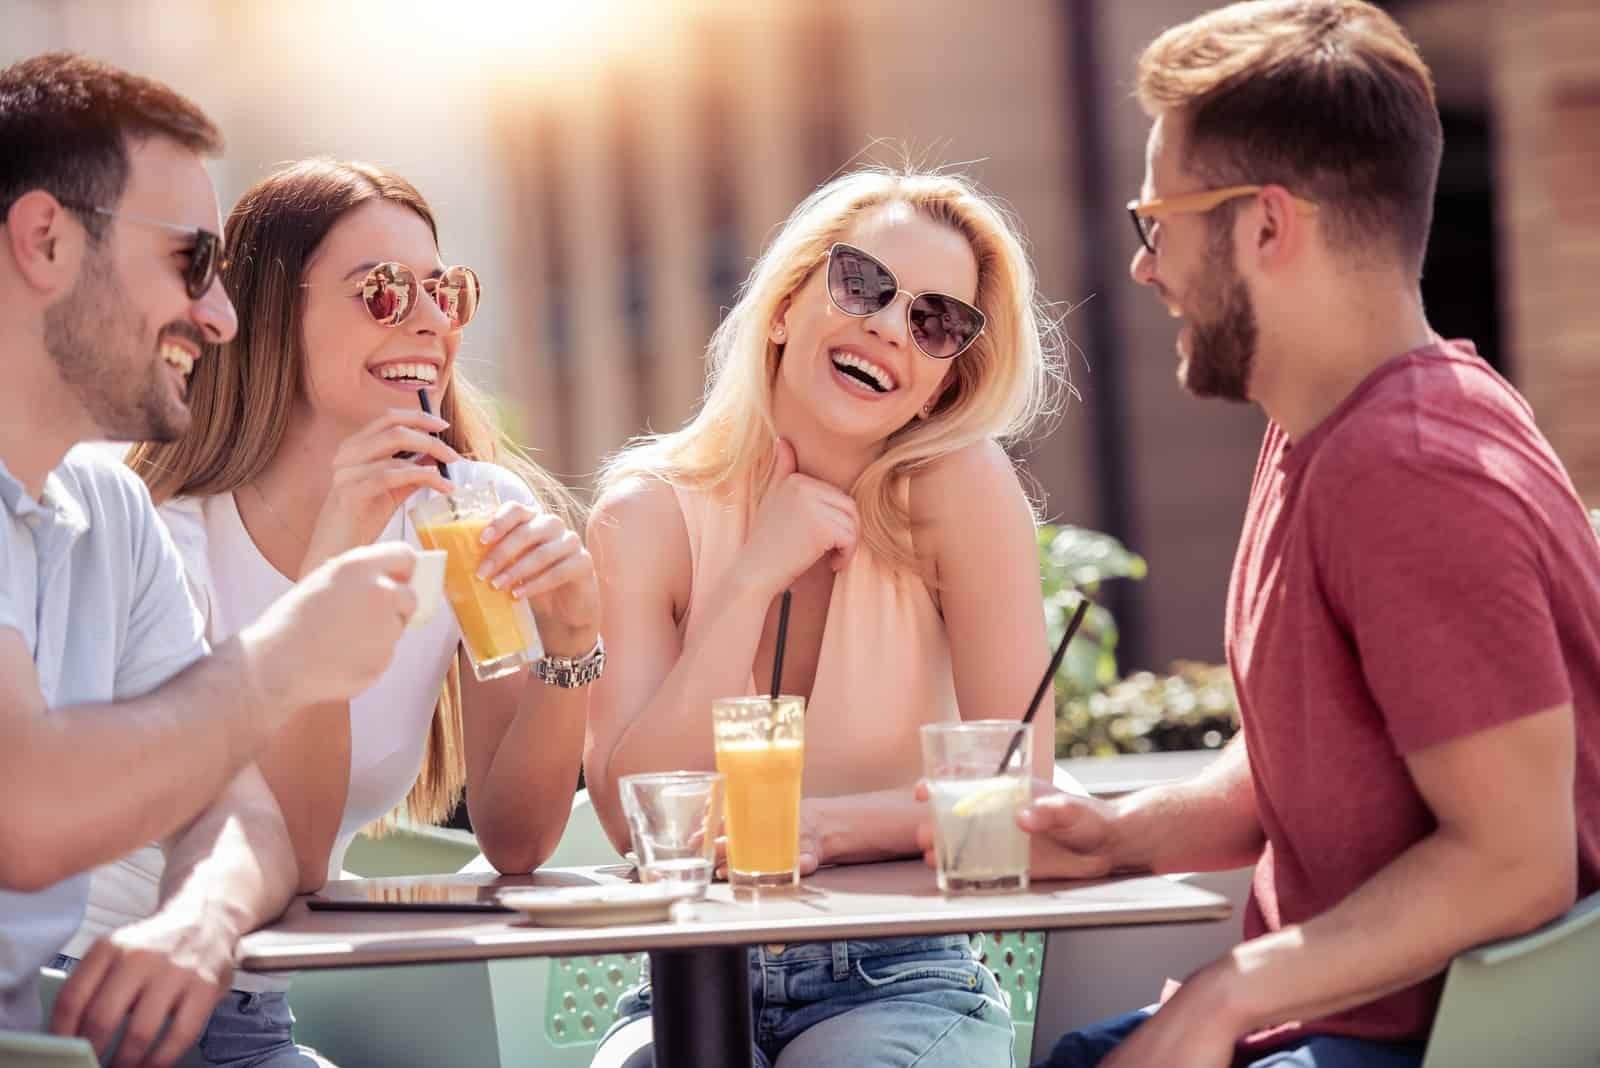 Freunde haben eine tolle Zeit im Cafe